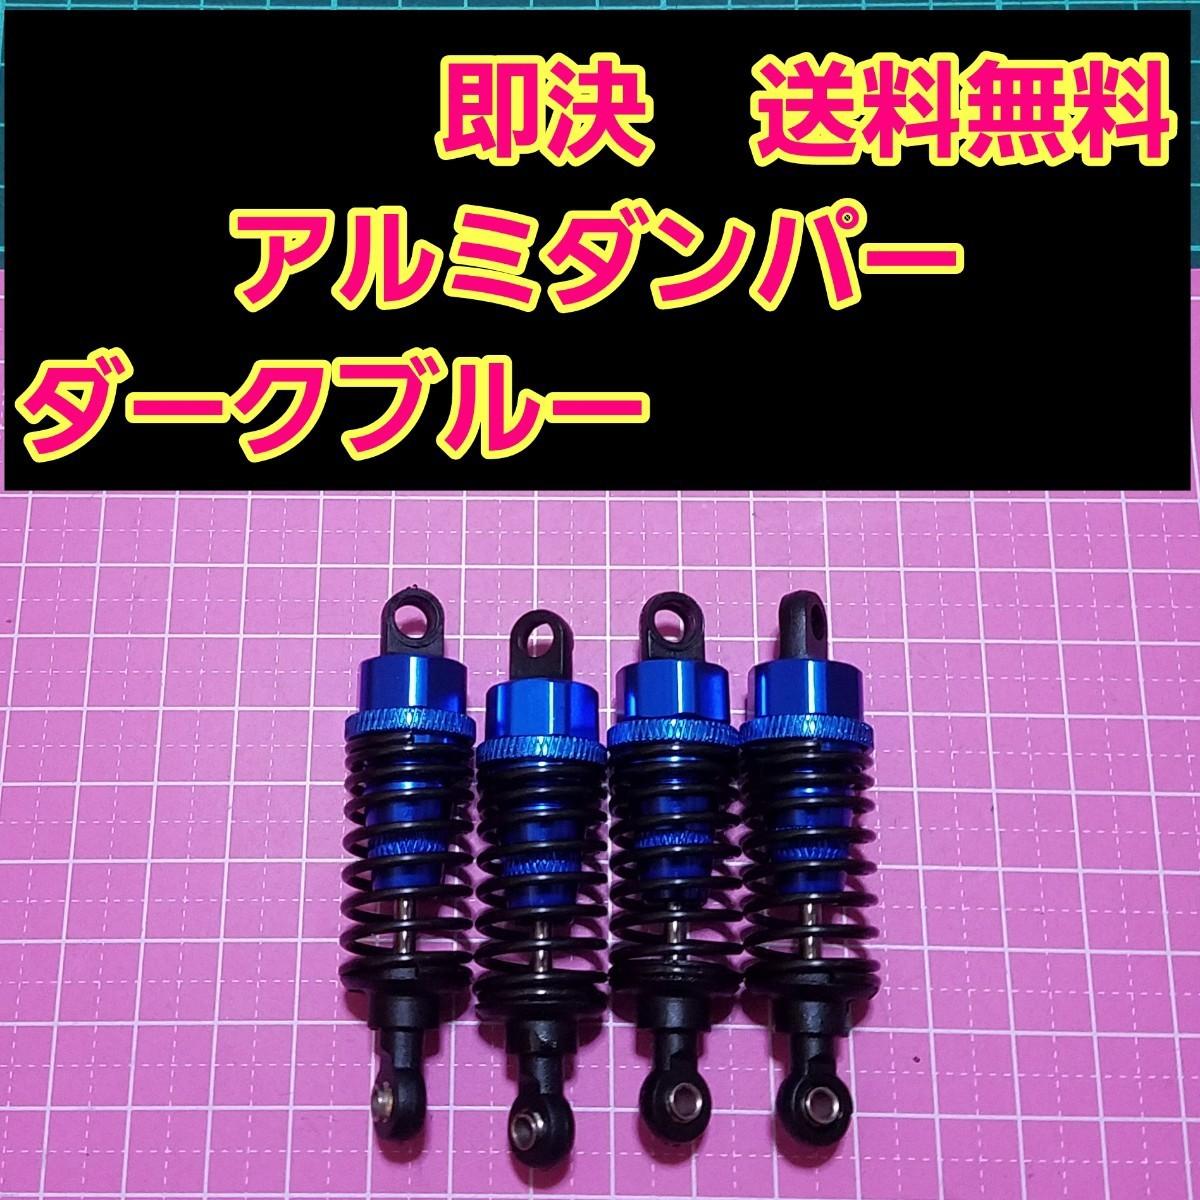 アルミ オイル ダンパー 深青 ラジコン ドリパケ TT01 TT02 YD-2